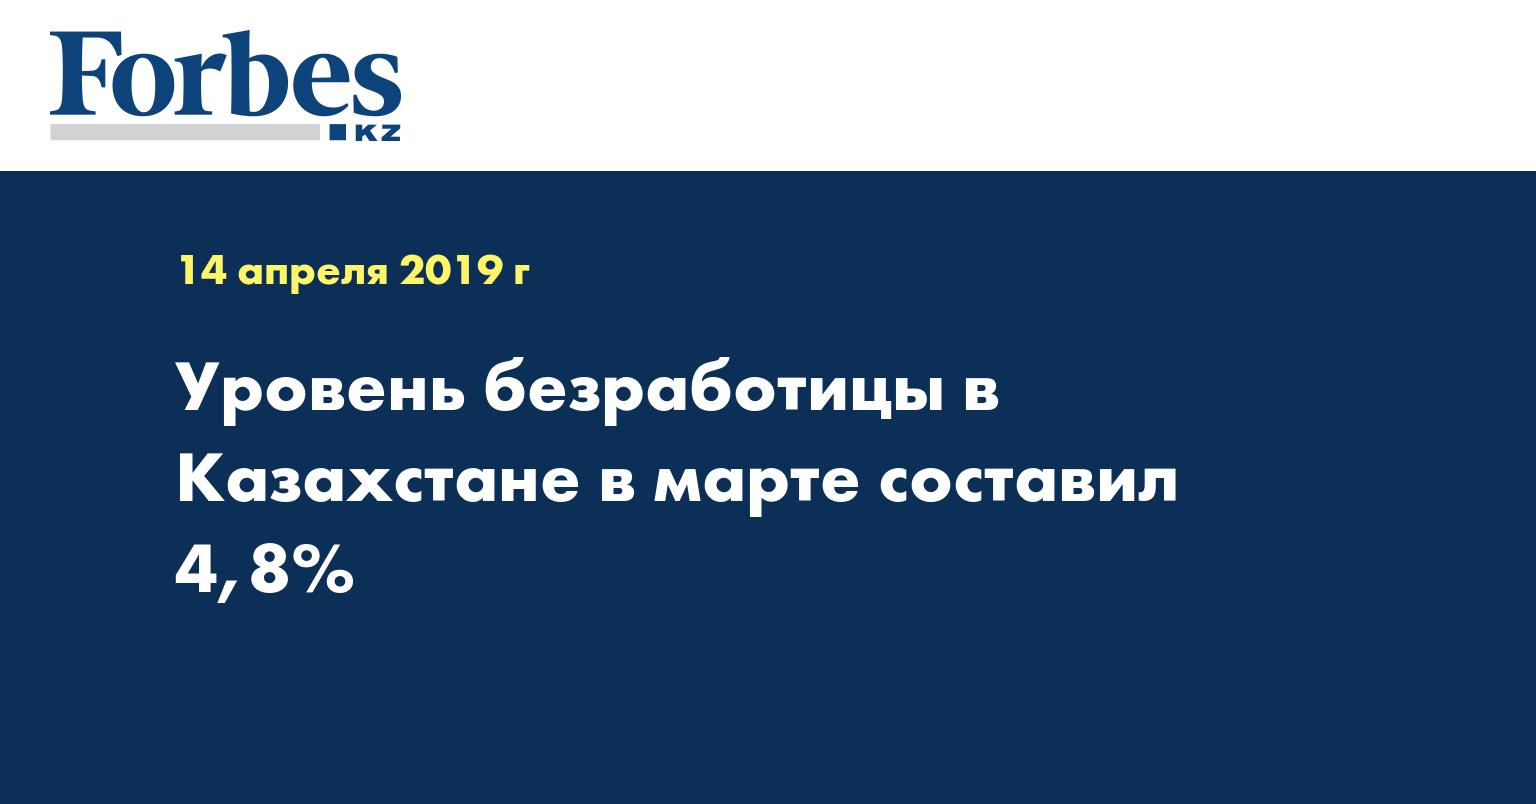 Уровень безработицы в Казахстане в марте составил 4,8%